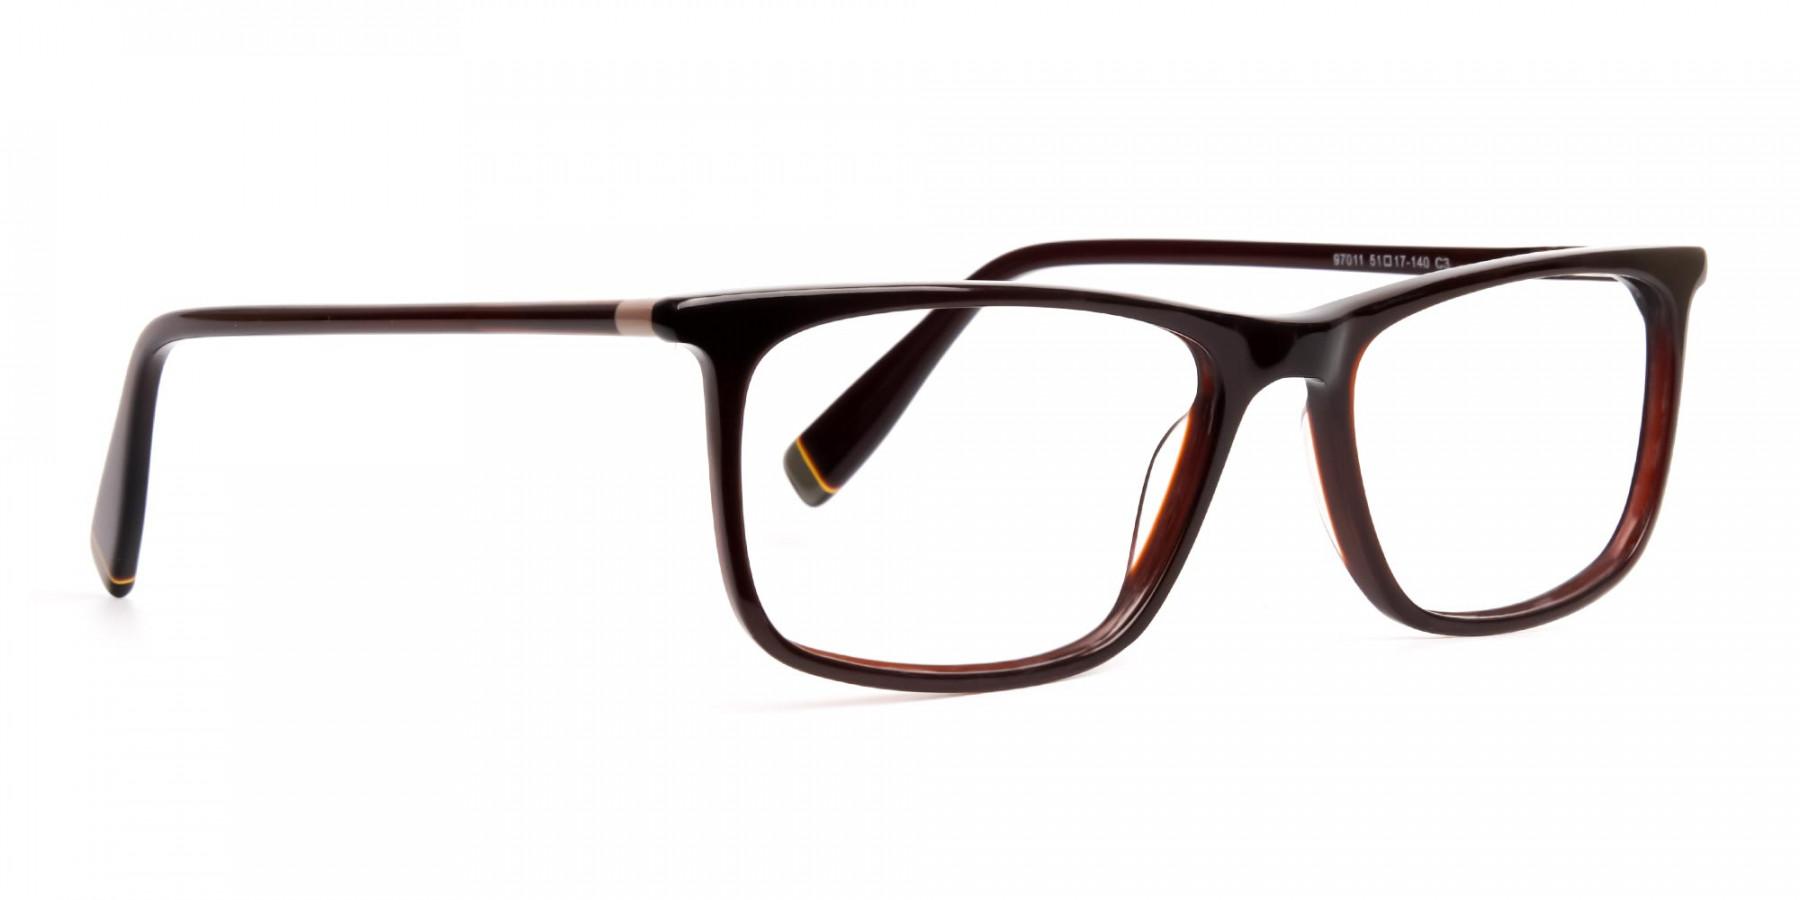 dark-brown-glasses-rectangular-shape-frames-1